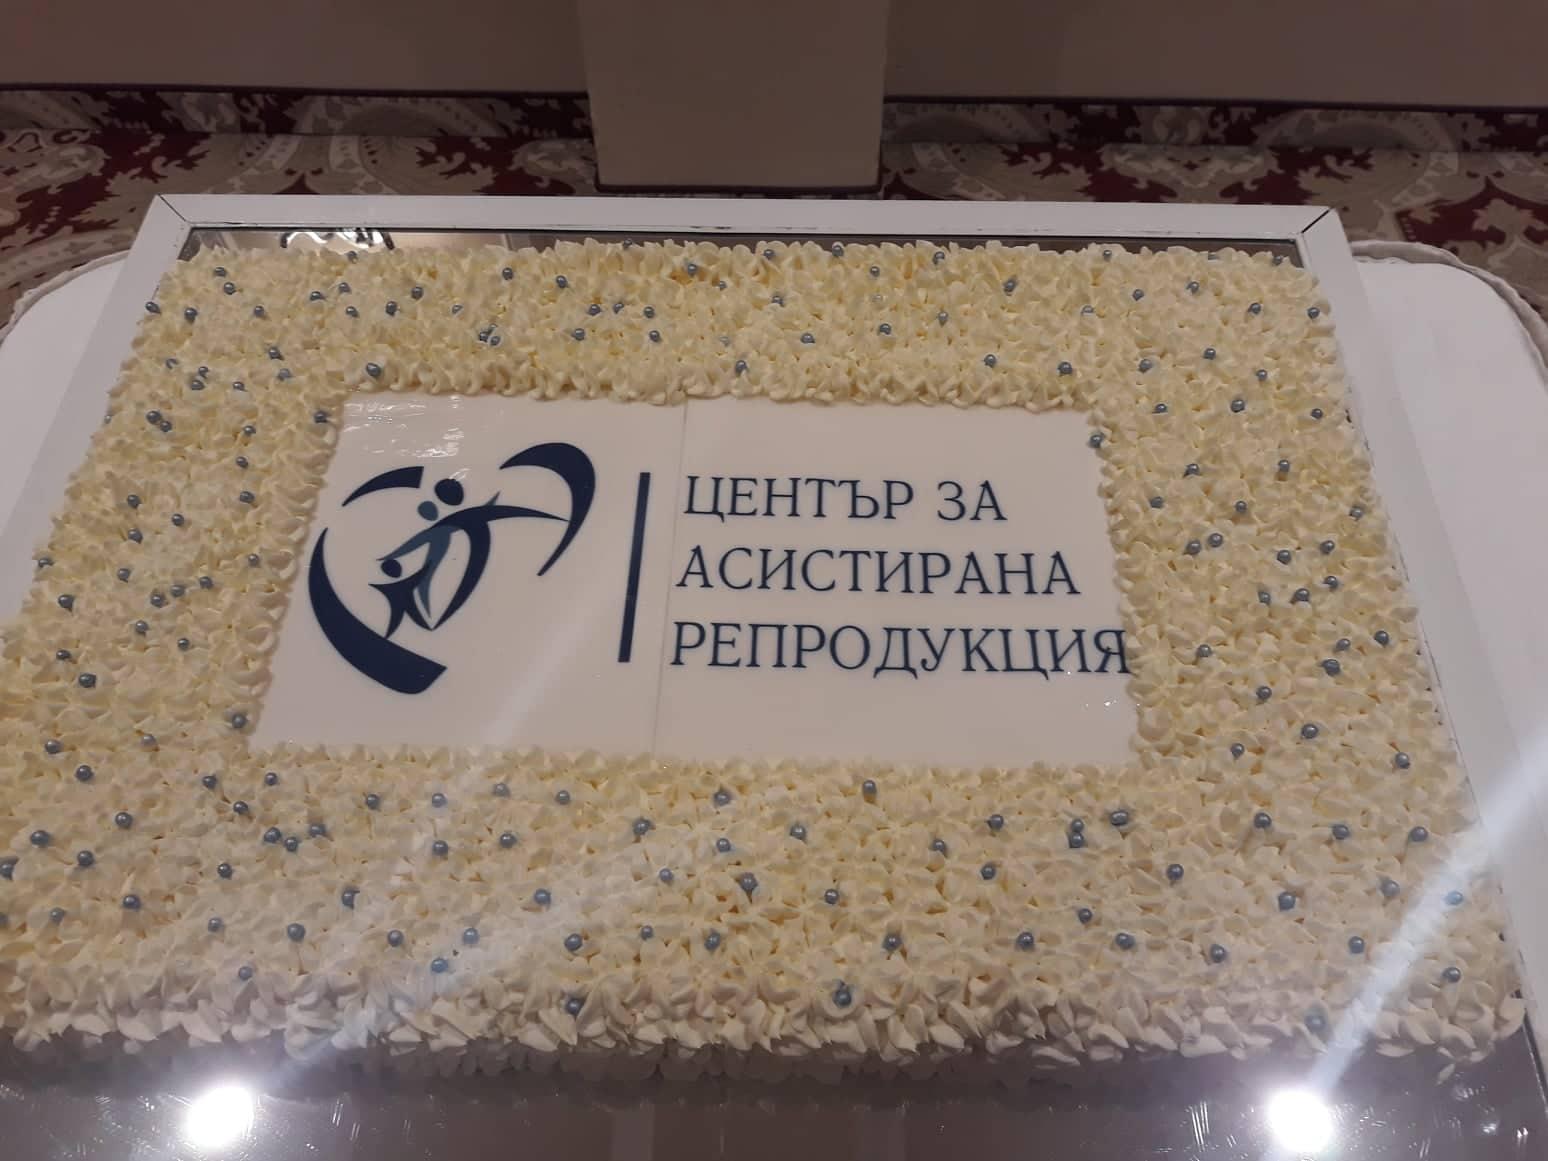 10 години Център за асистирана репродукция!